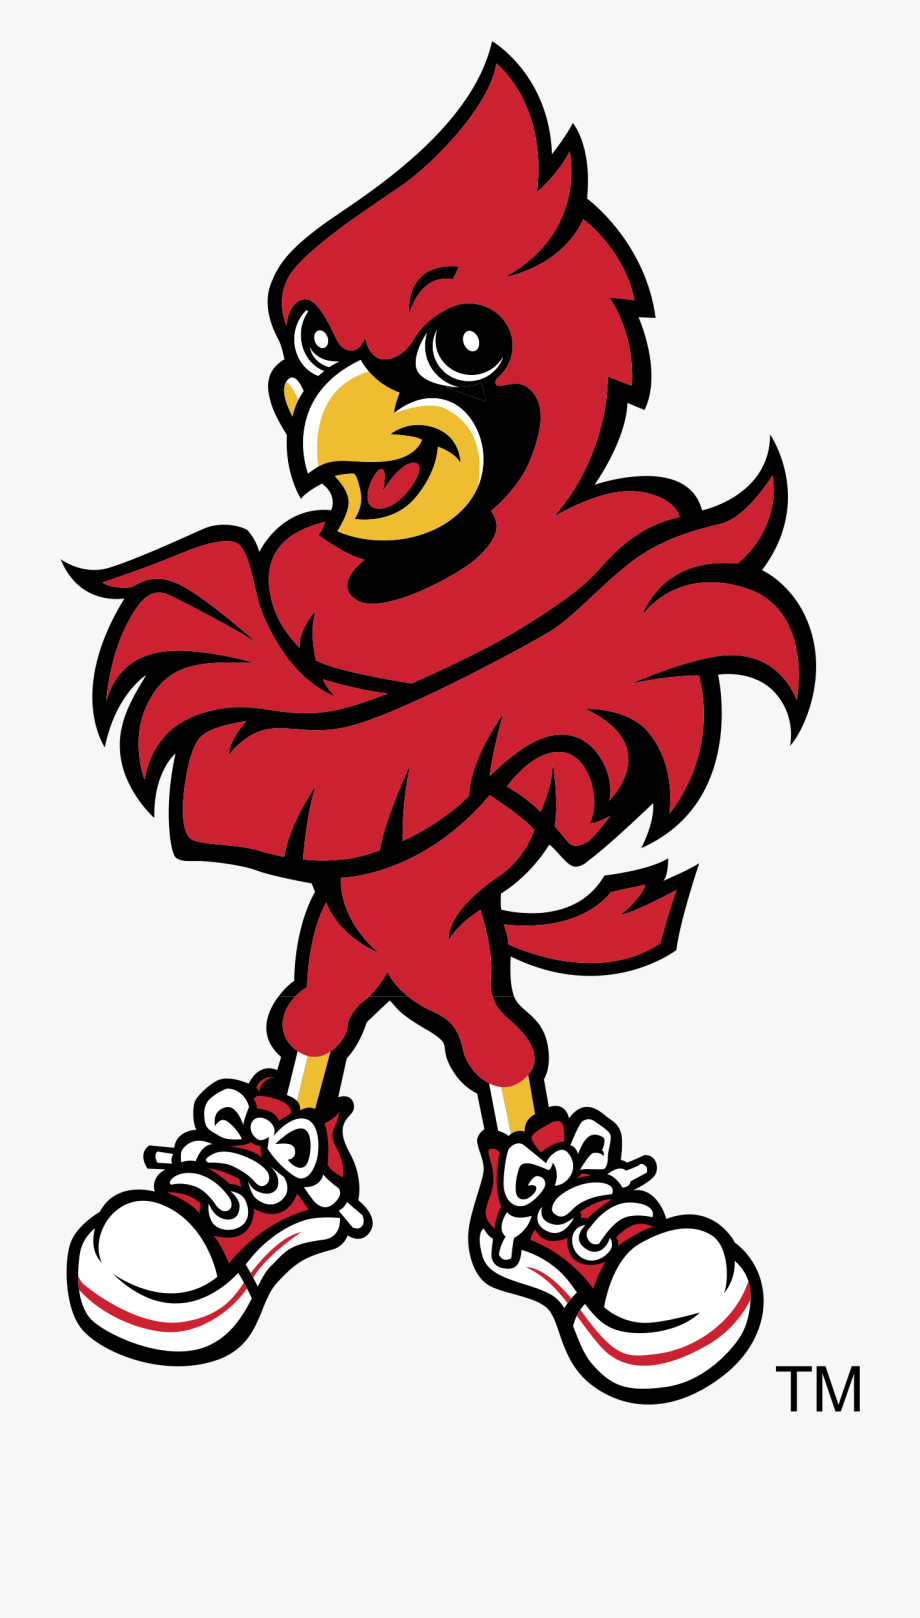 Louisville Cardinals Logo Png Transparent.